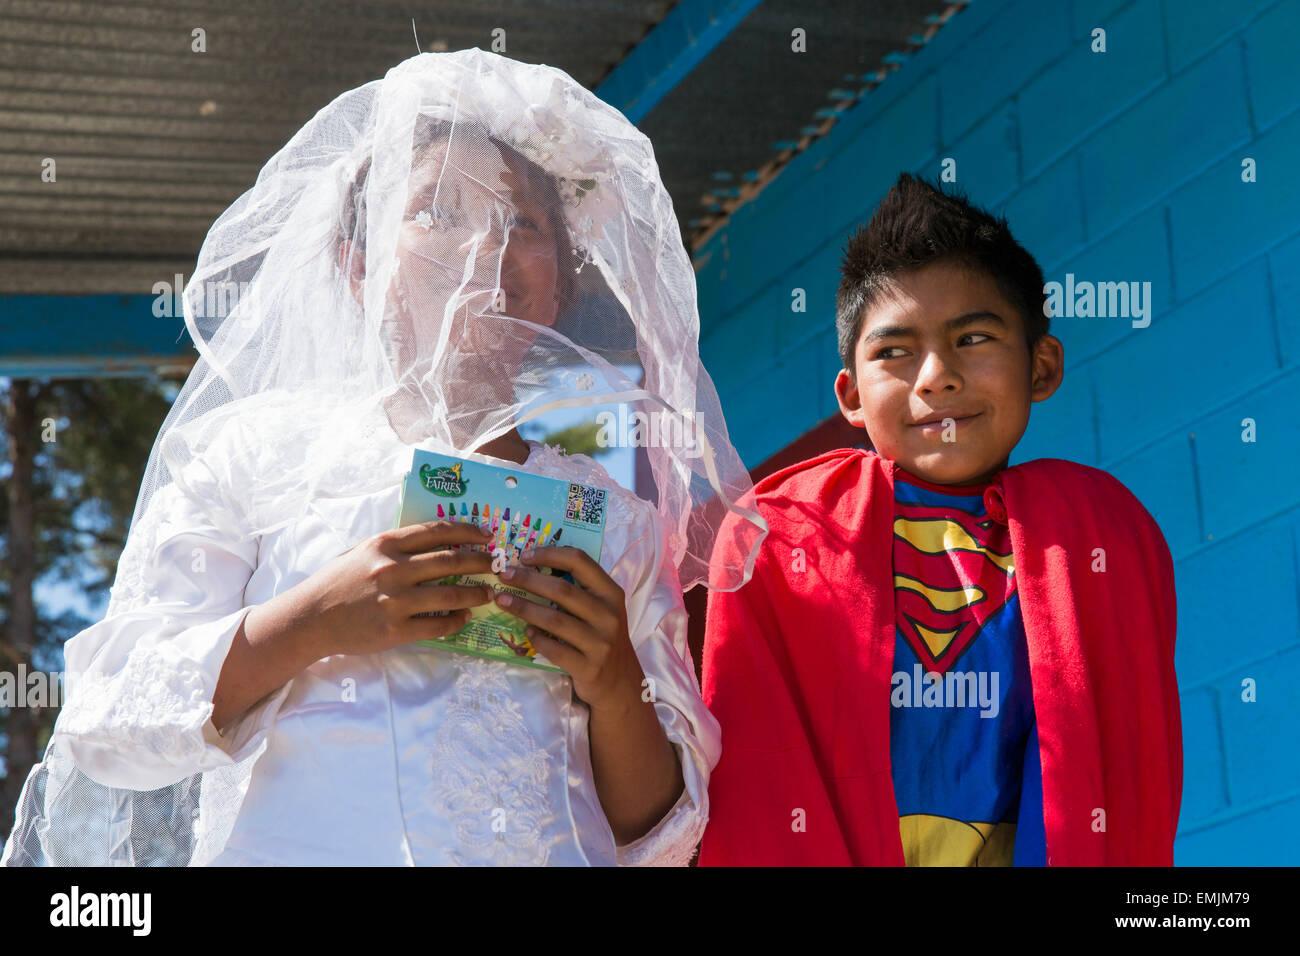 Guatemala, Jalapa, dos escolares vestidas en trajes de carnaval Imagen De Stock